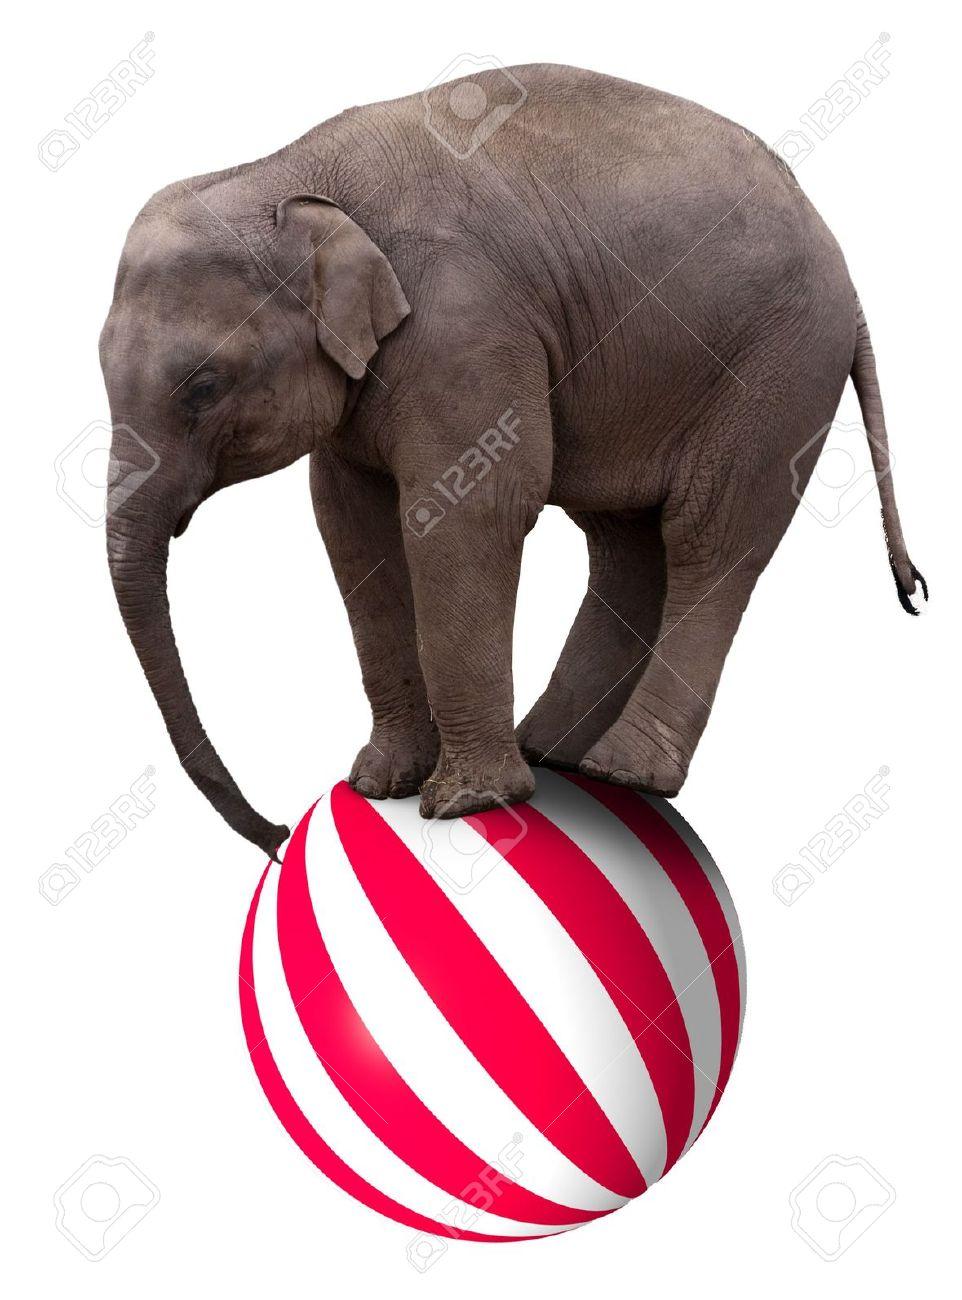 4088237-a-baby-circus-elephant-balancing-on-a-big-ball-balance.jpg